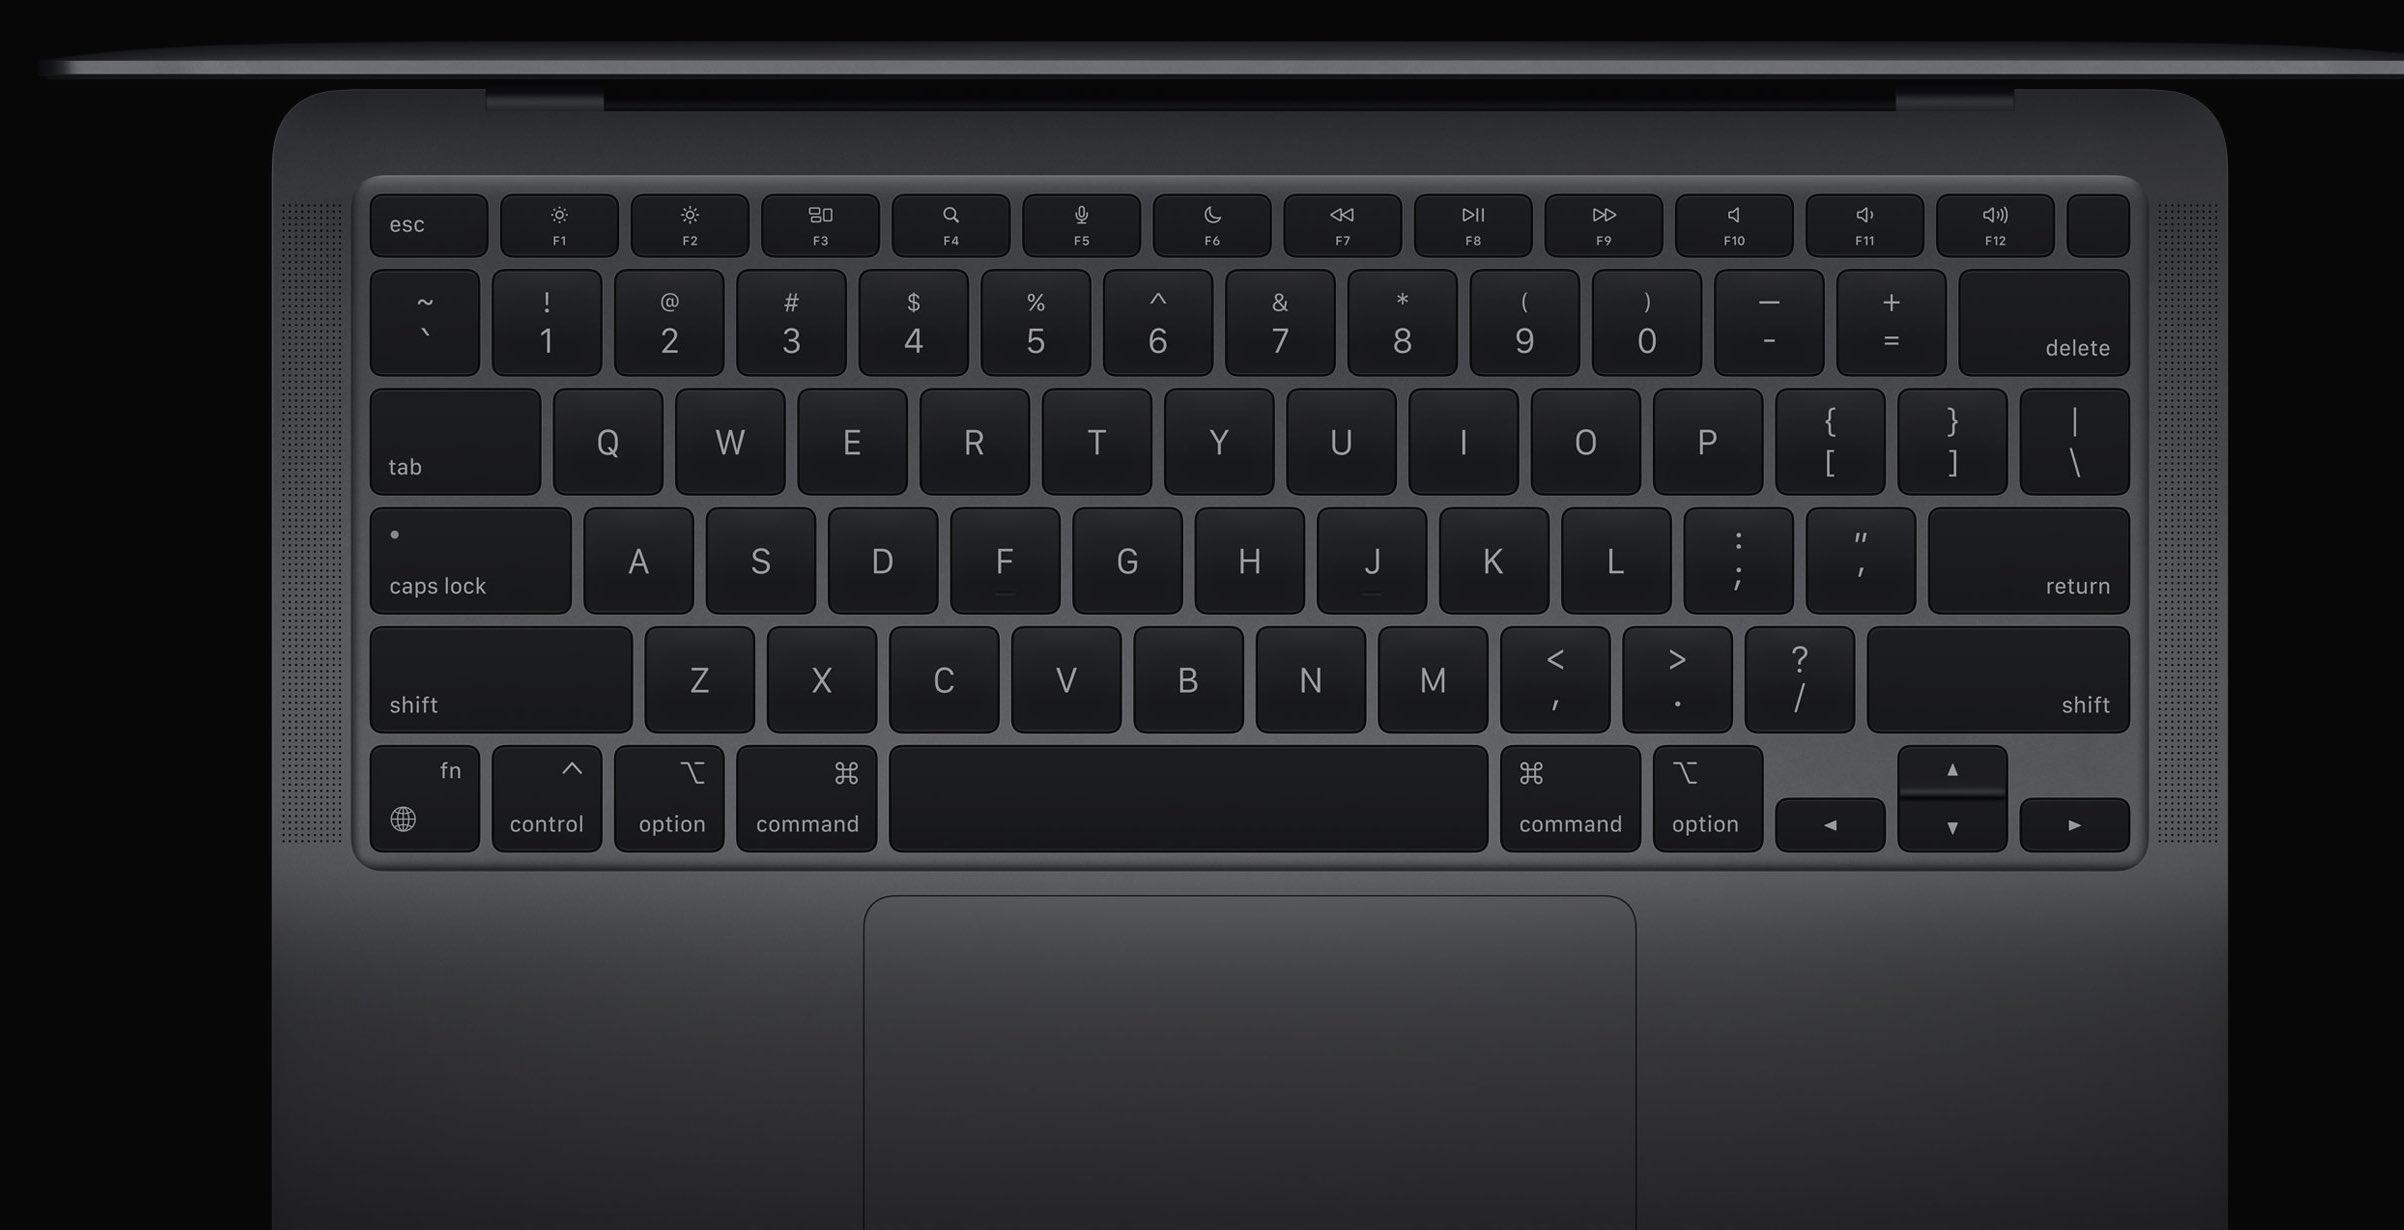 macbook air m1 klawiatura